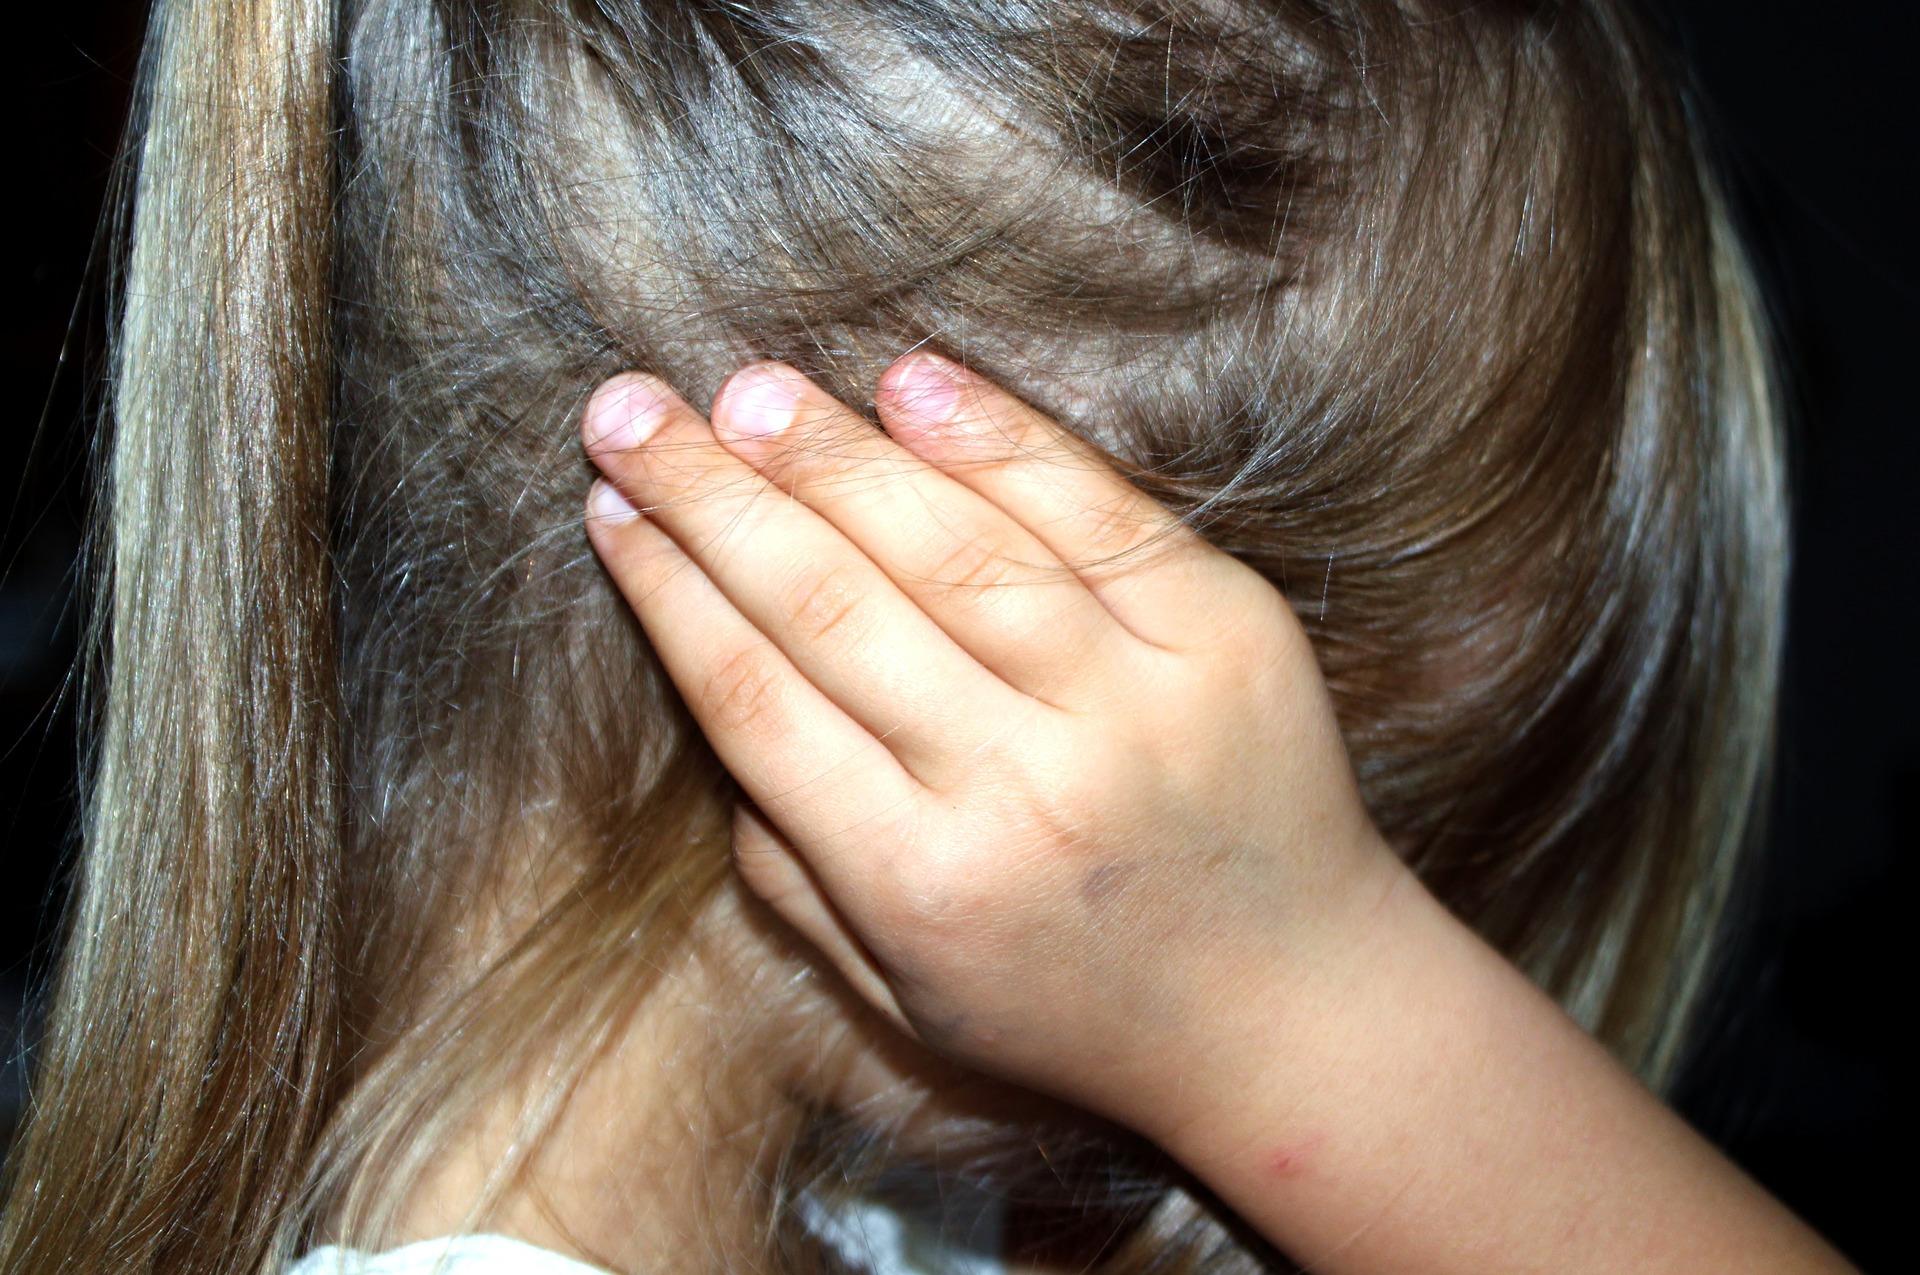 Rodzice nie wiedzą, jak rozmawiać z dziećmi o swoich problemach